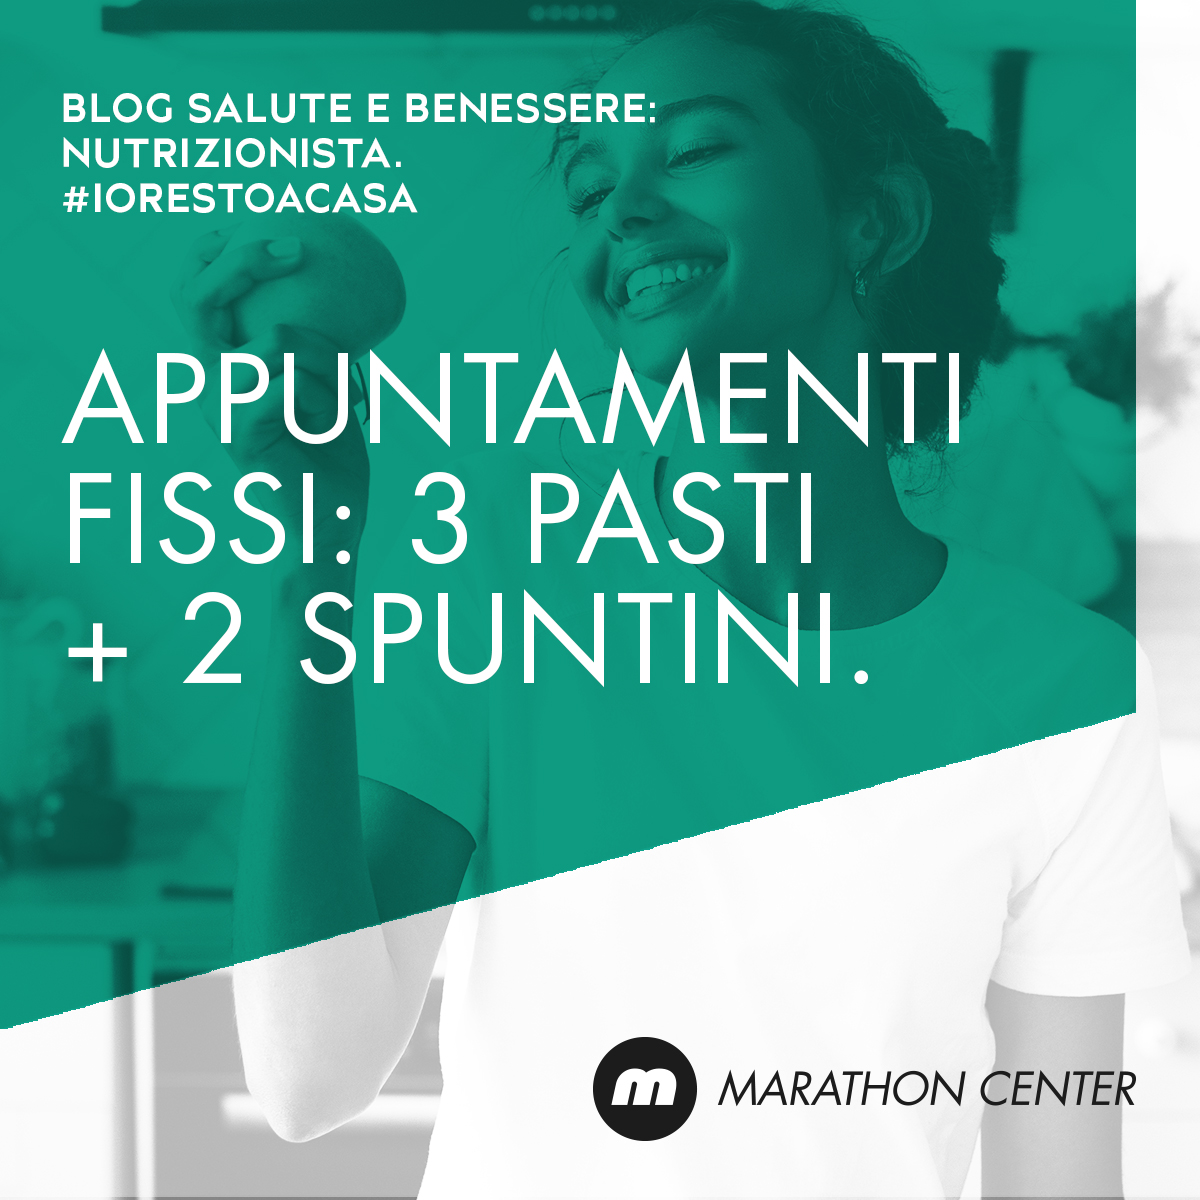 iorestoacasa-consigli-nutrizionista-marathon-medical-center-brescia